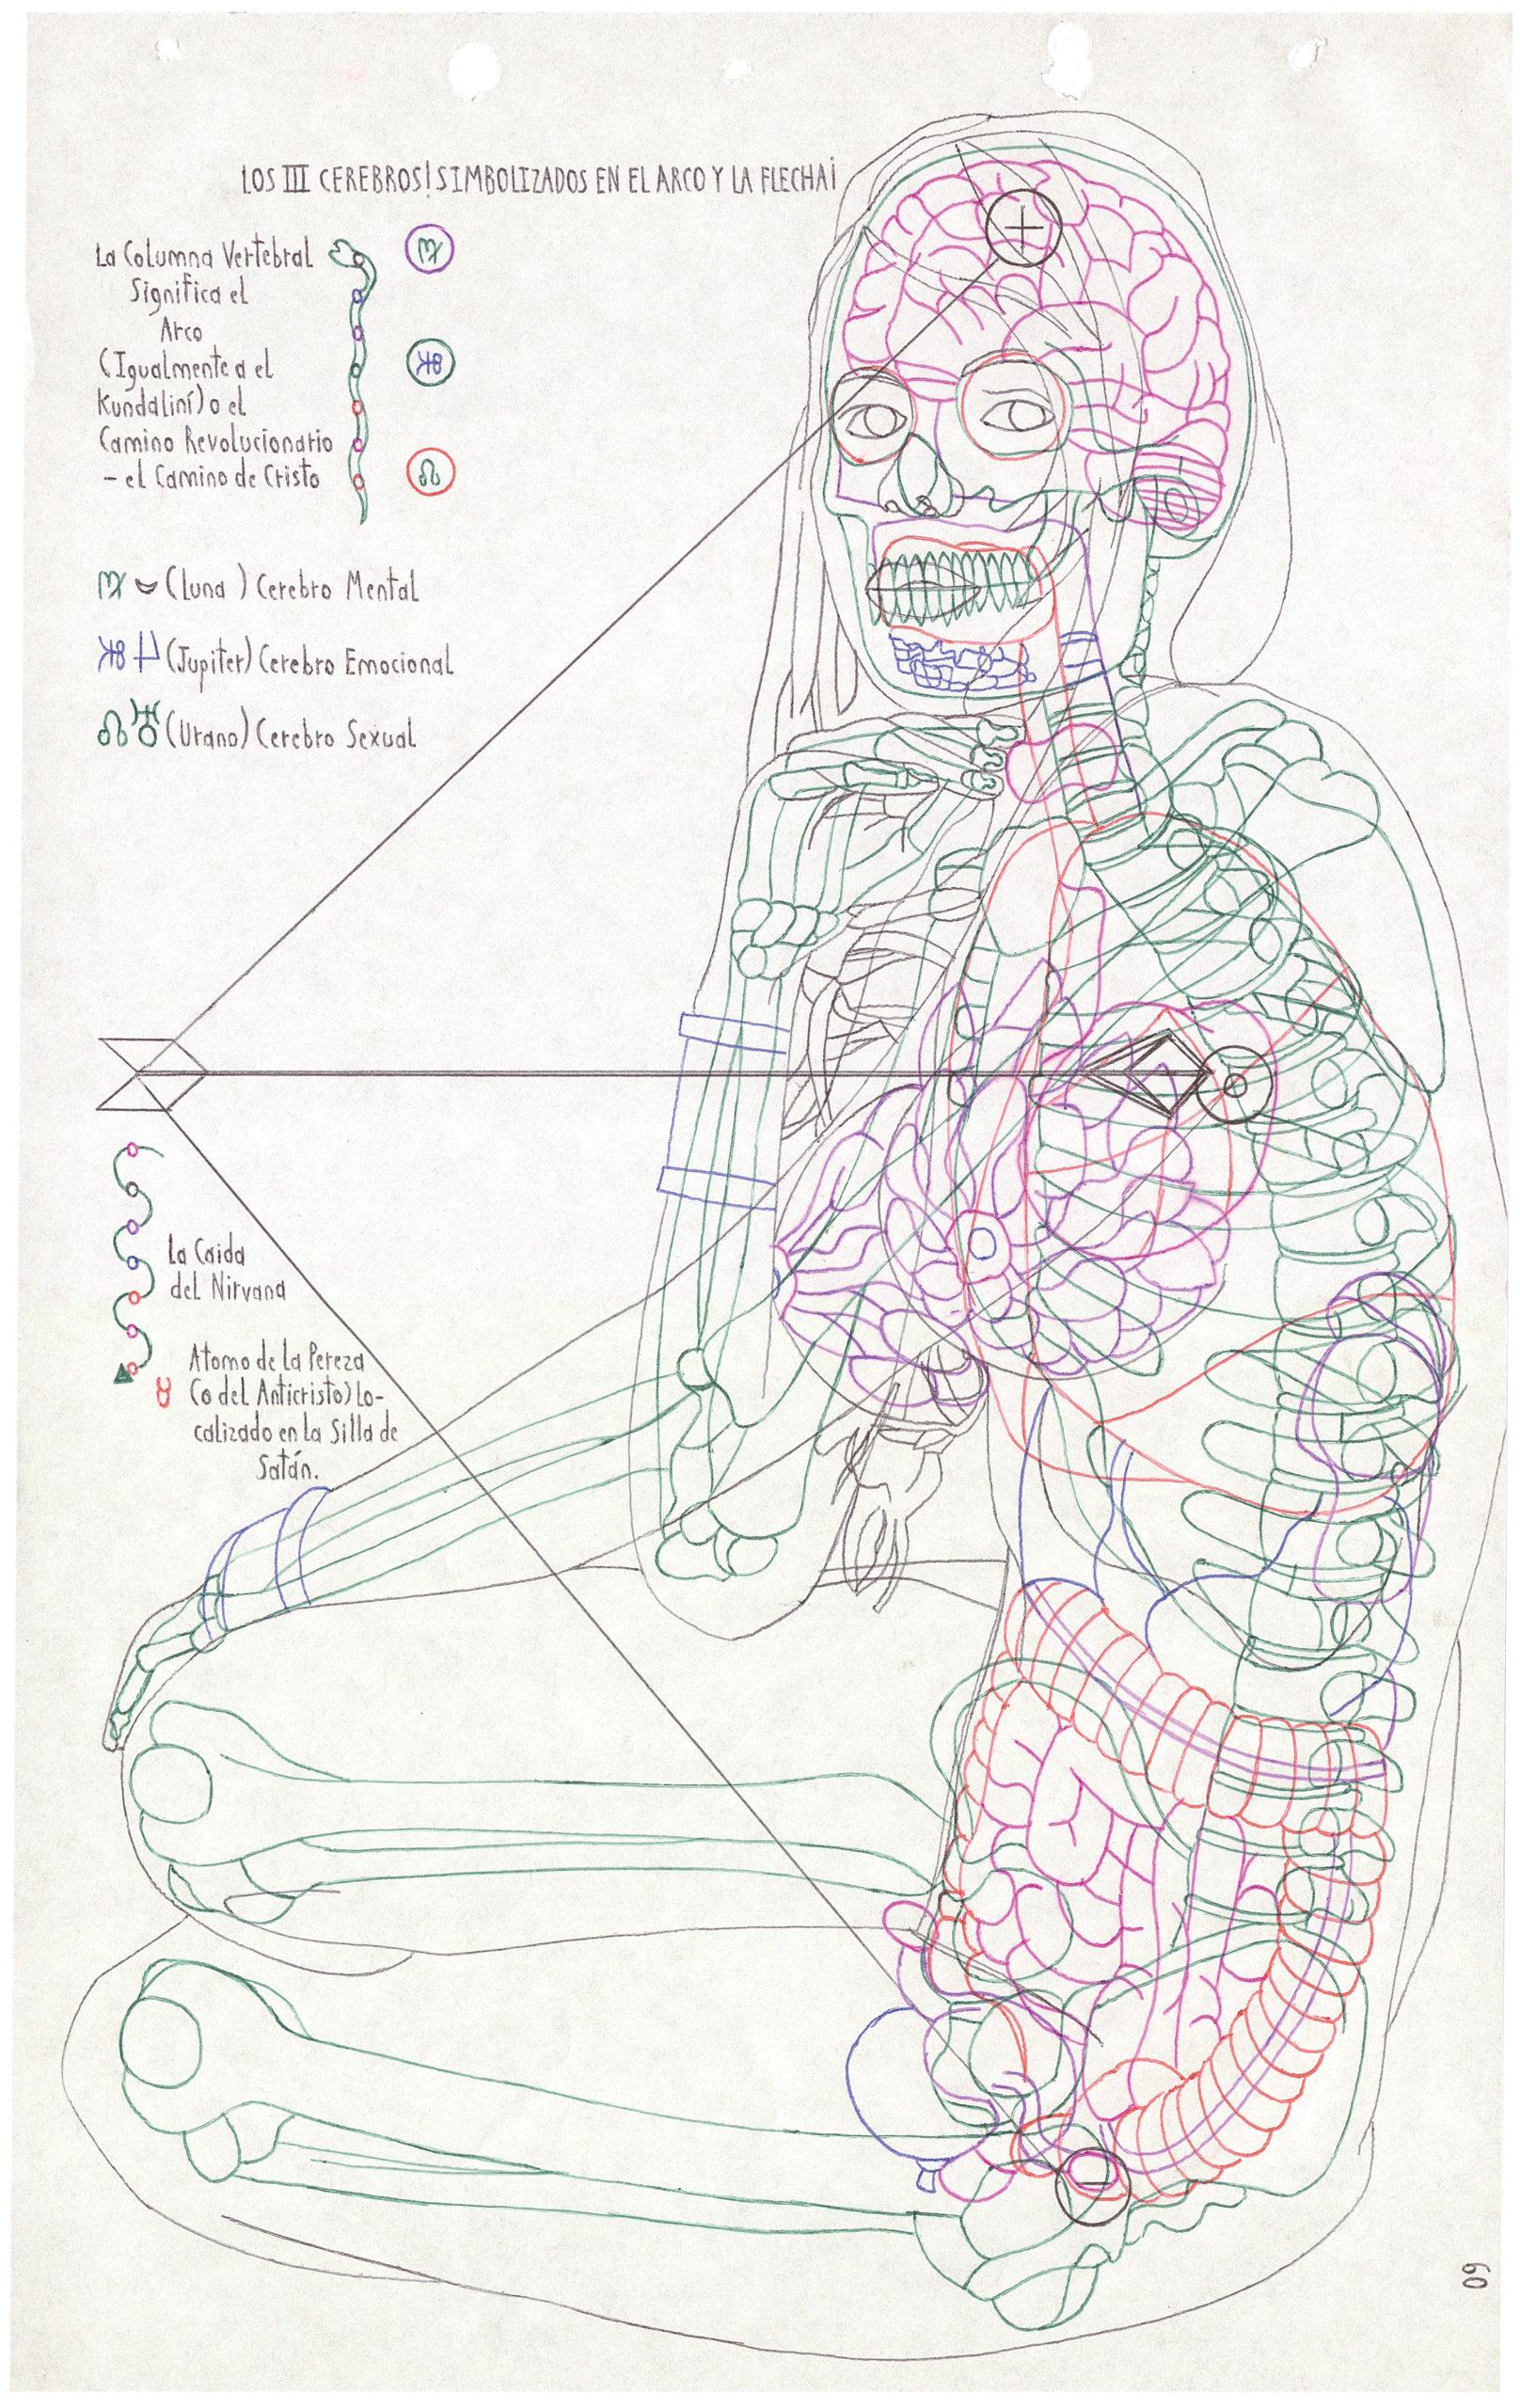 Découvrez l'exposition Codex de Carlos Augusto Giraldo à la galerie Christian Berst